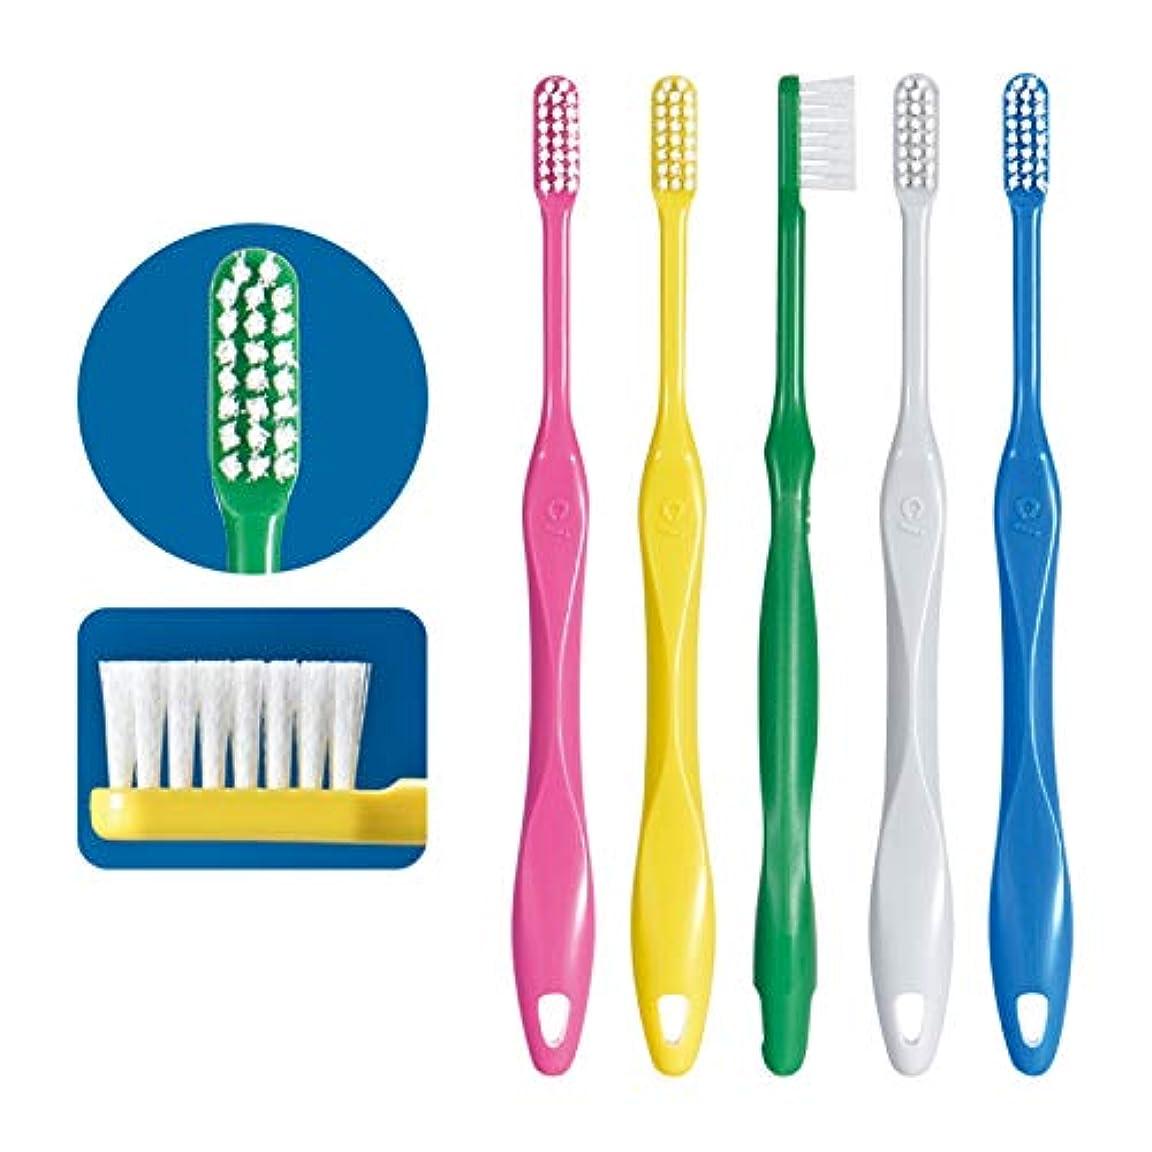 発信宣言するフレームワークCi スマート 歯ブラシ 20本 S(やわらかめ) 日本製 大人用歯ブラシ 歯科専売品